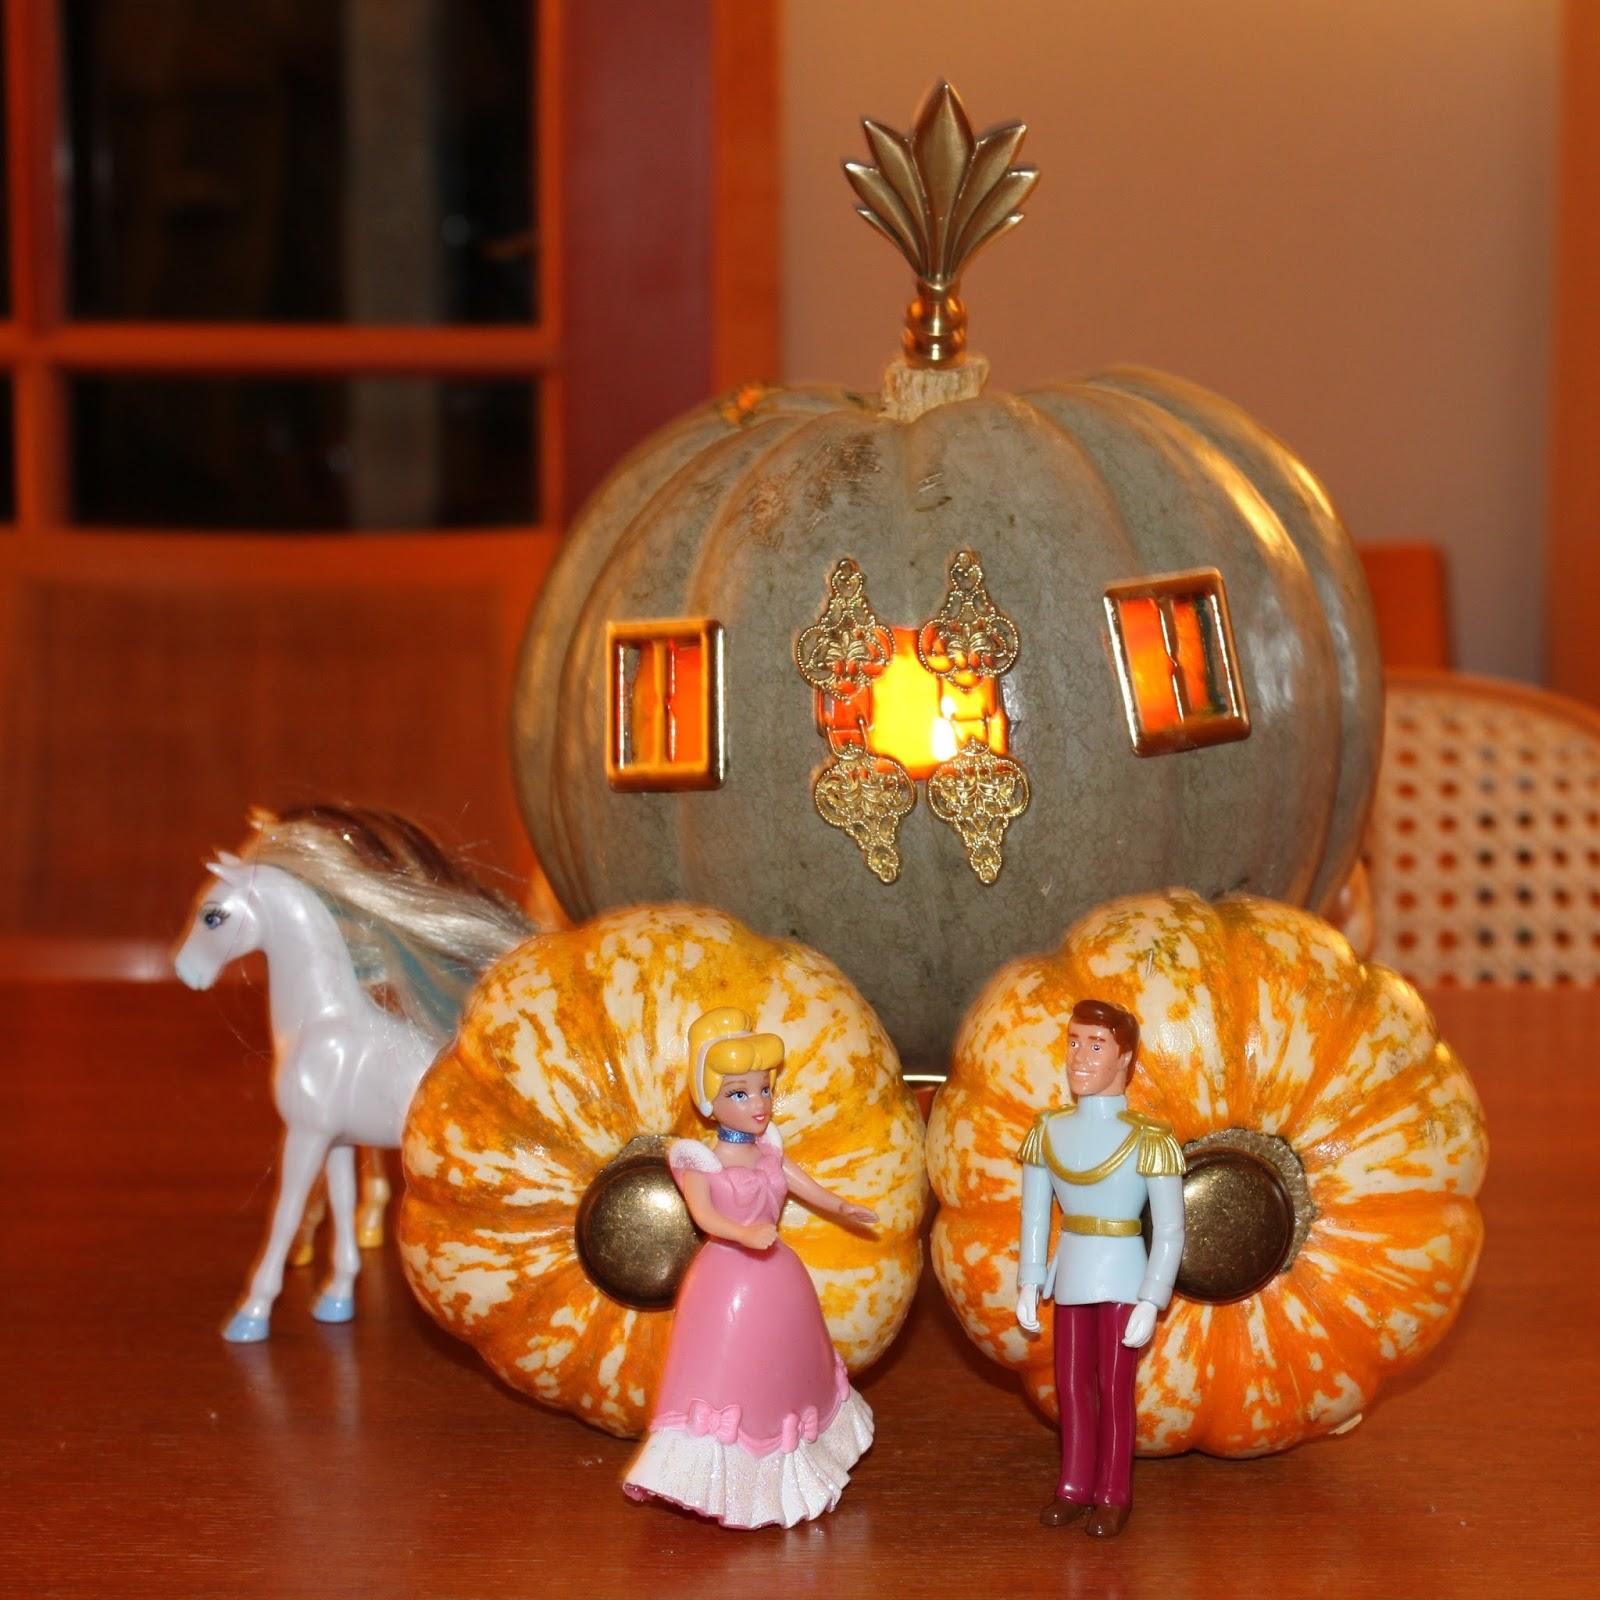 Pumpkin Carving Ideas for Halloween 2017: 2015 Halloween Pumpkin ...